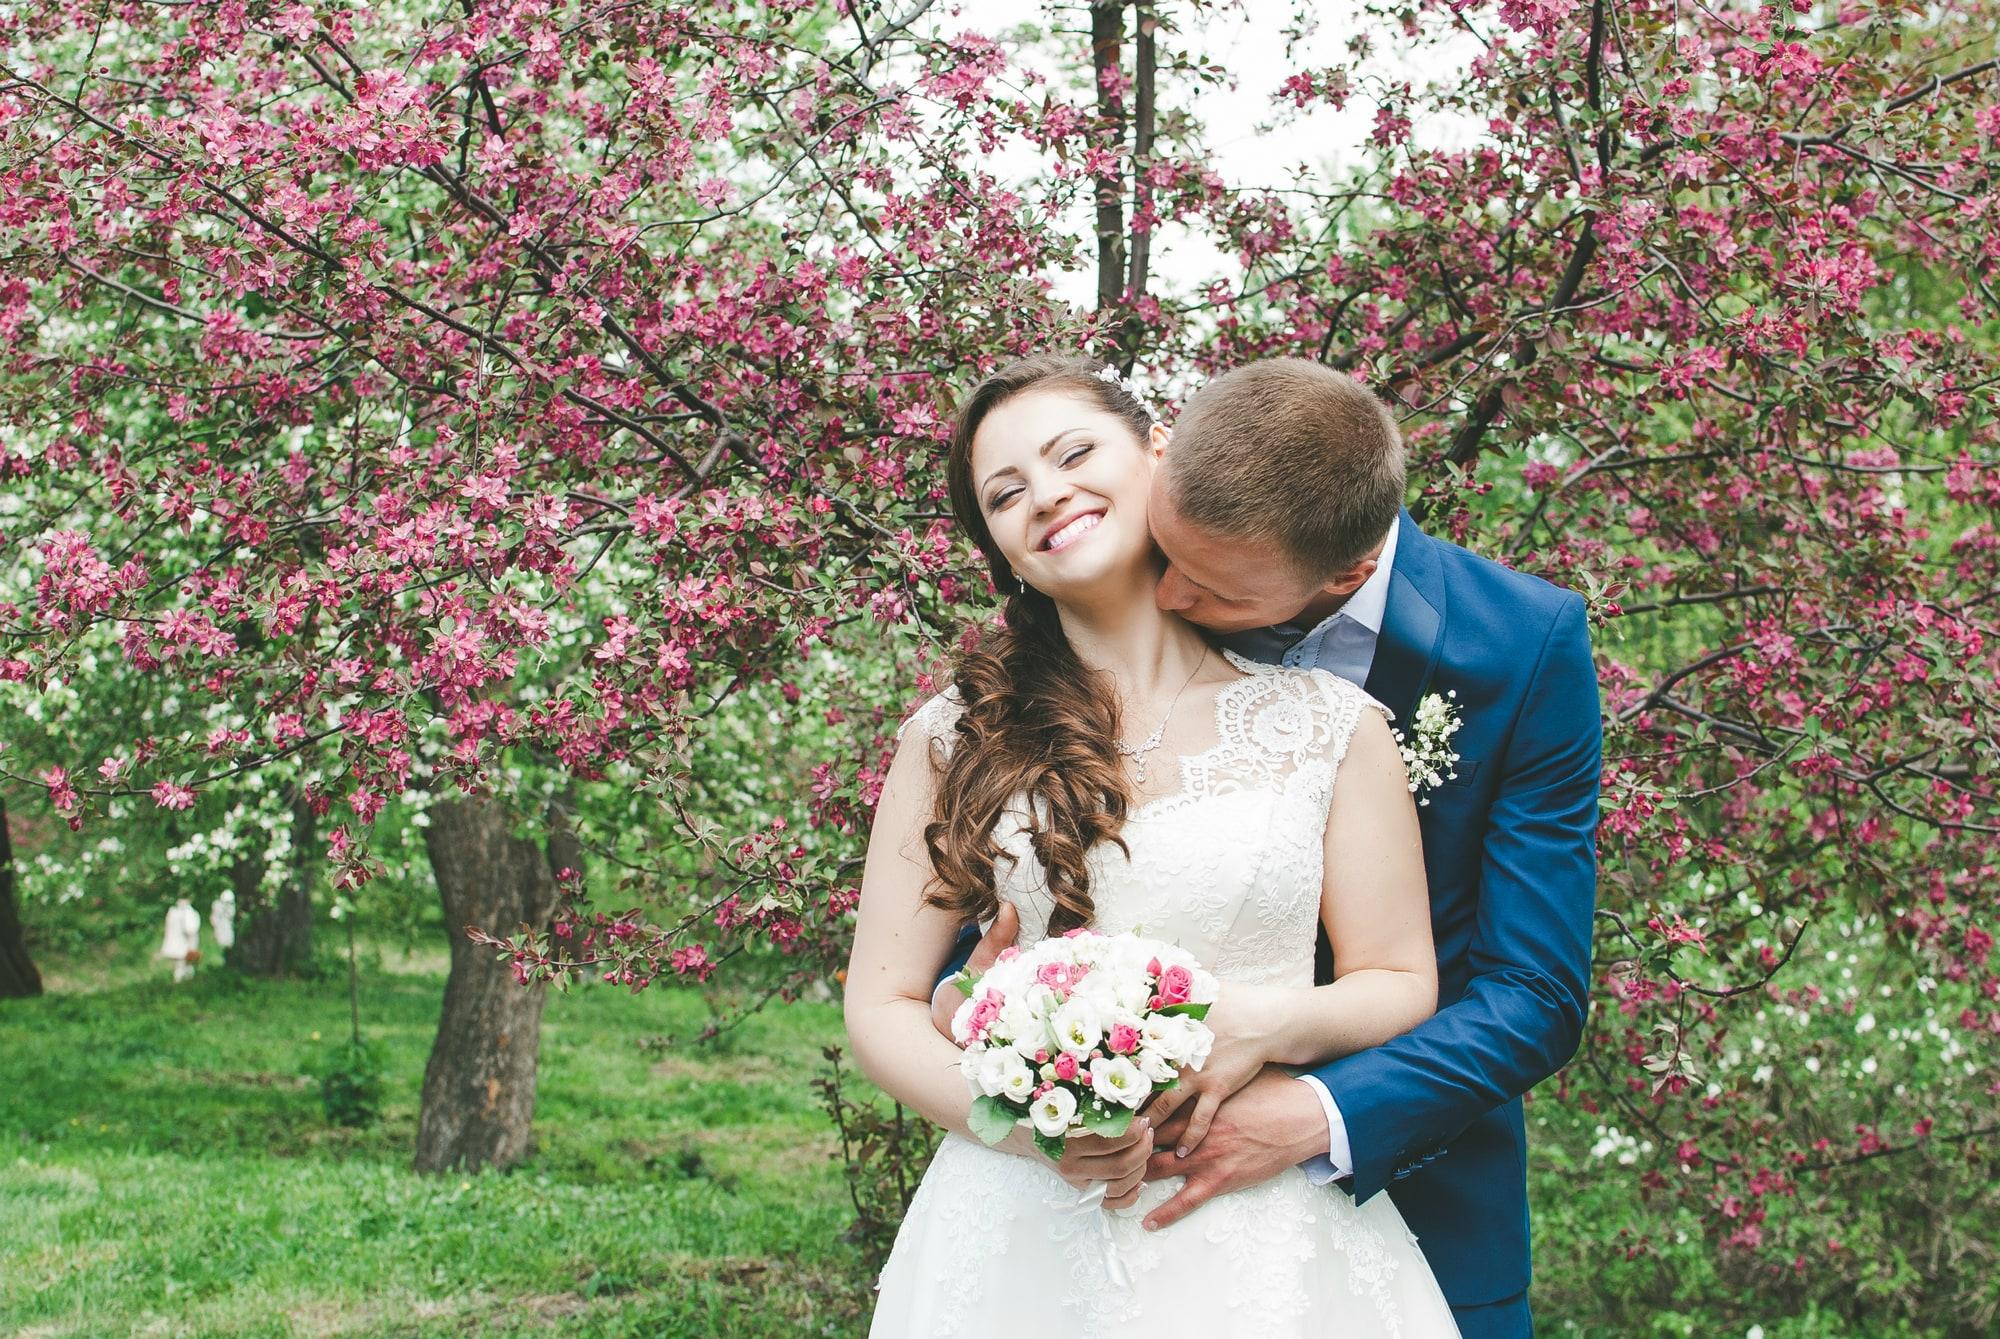 Весенний ботсад и обнимашки - фотограф Женя Лайт